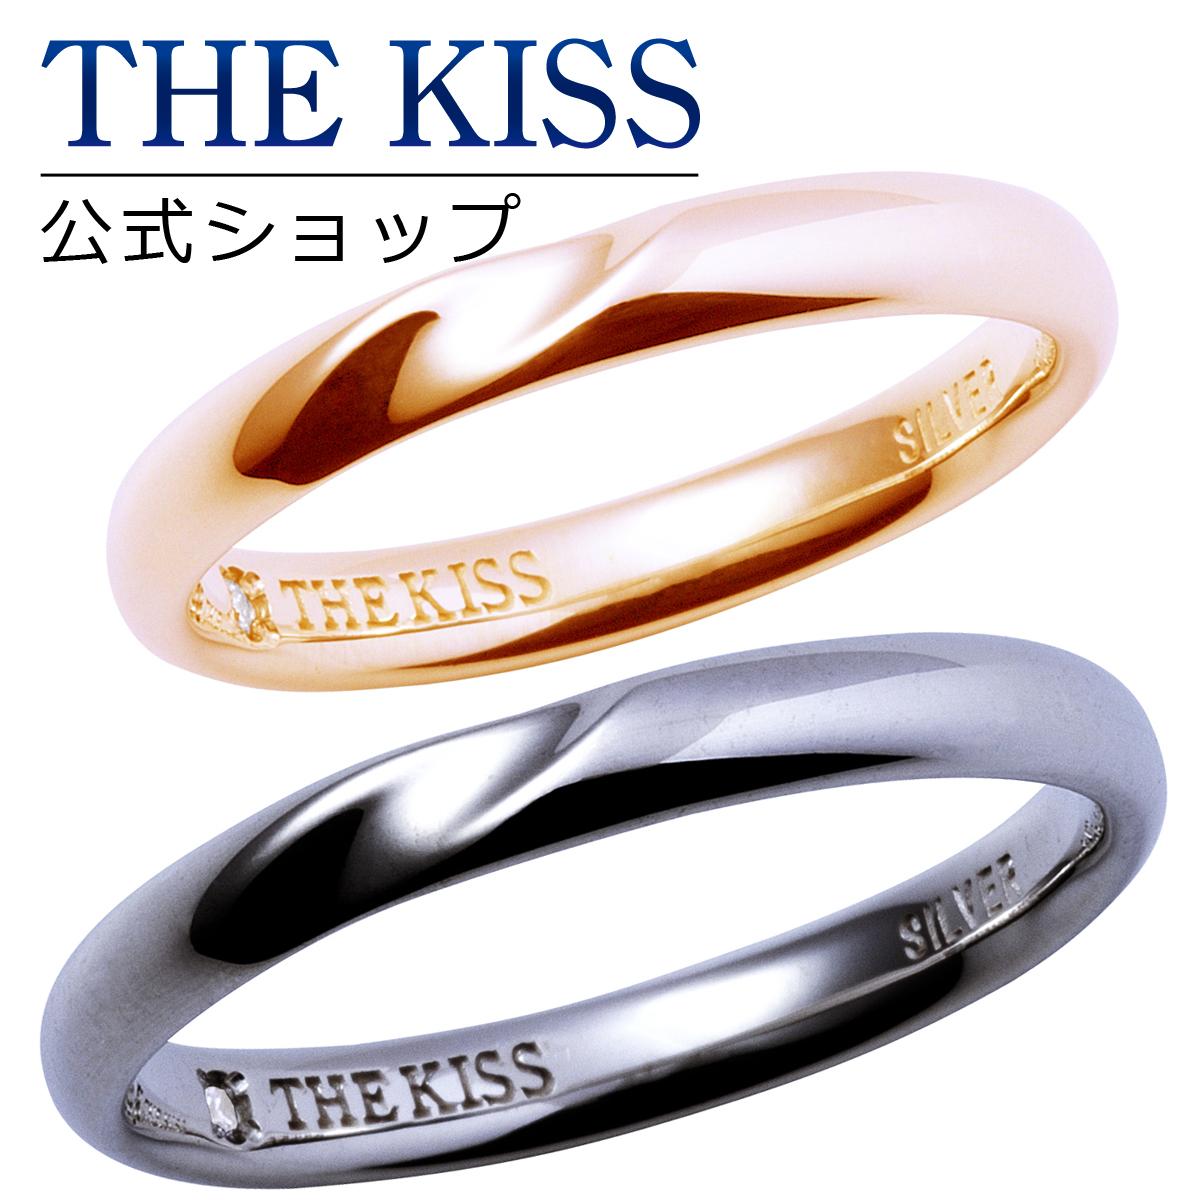 【あす楽対応】THE KISS 公式サイト シルバー ペアリング ダイヤモンド ペアアクセサリー カップル に 人気 の ジュエリーブランド THEKISS ペア リング・指輪 記念日 プレゼント SR1544DM-1545DM セット シンプル ザキス 【送料無料】